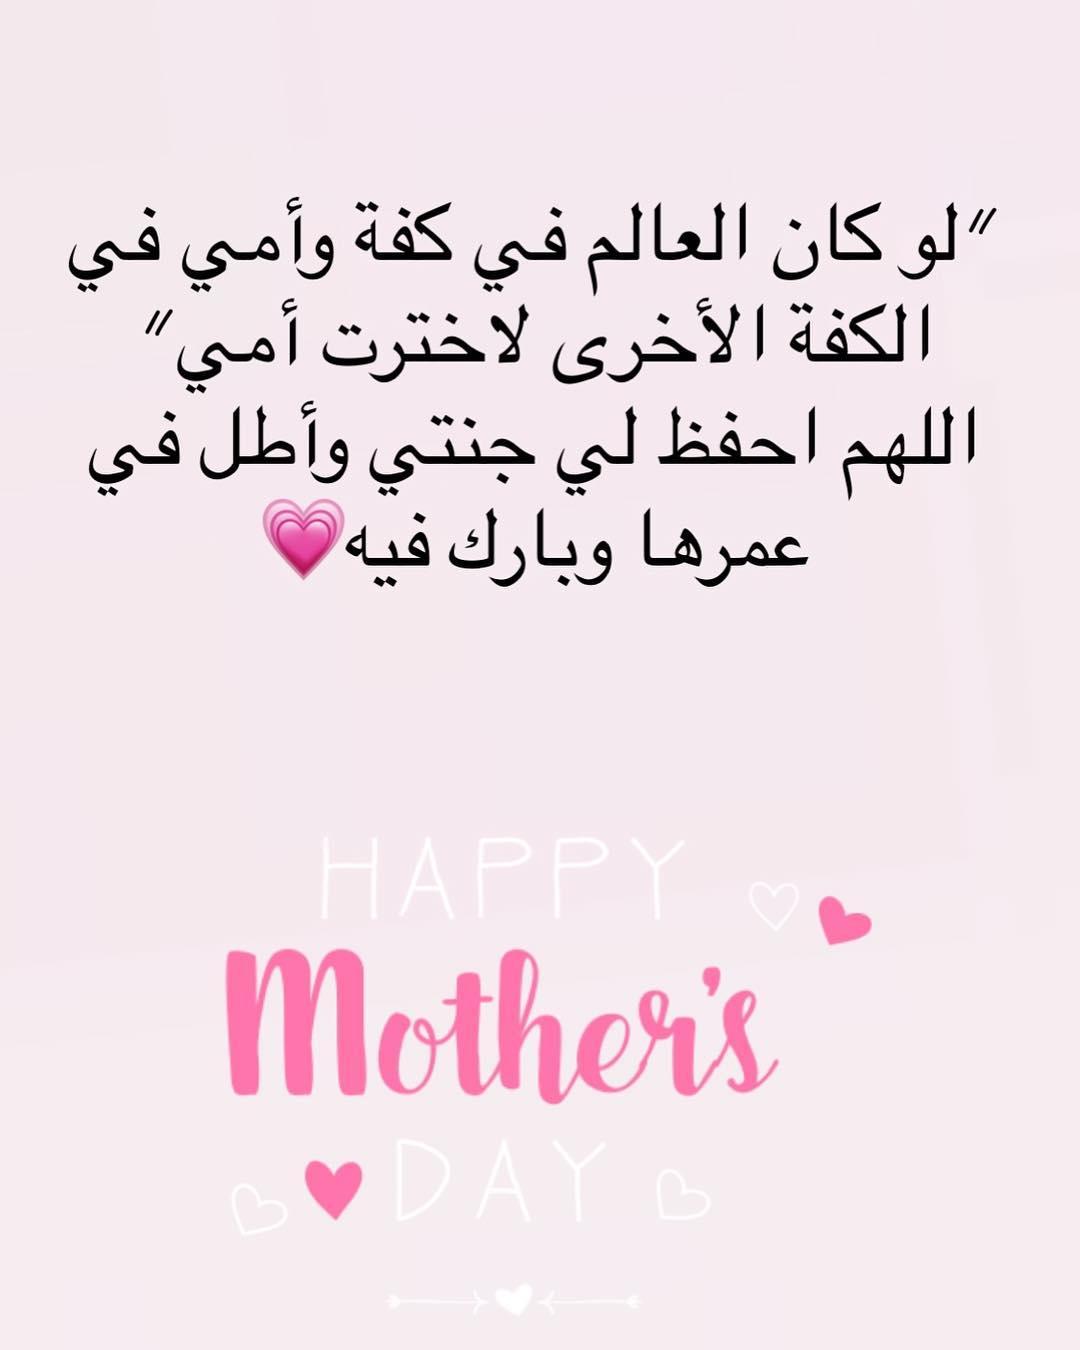 صورة شعر عن الام مؤثر جدا ٖ امي ياست الكل